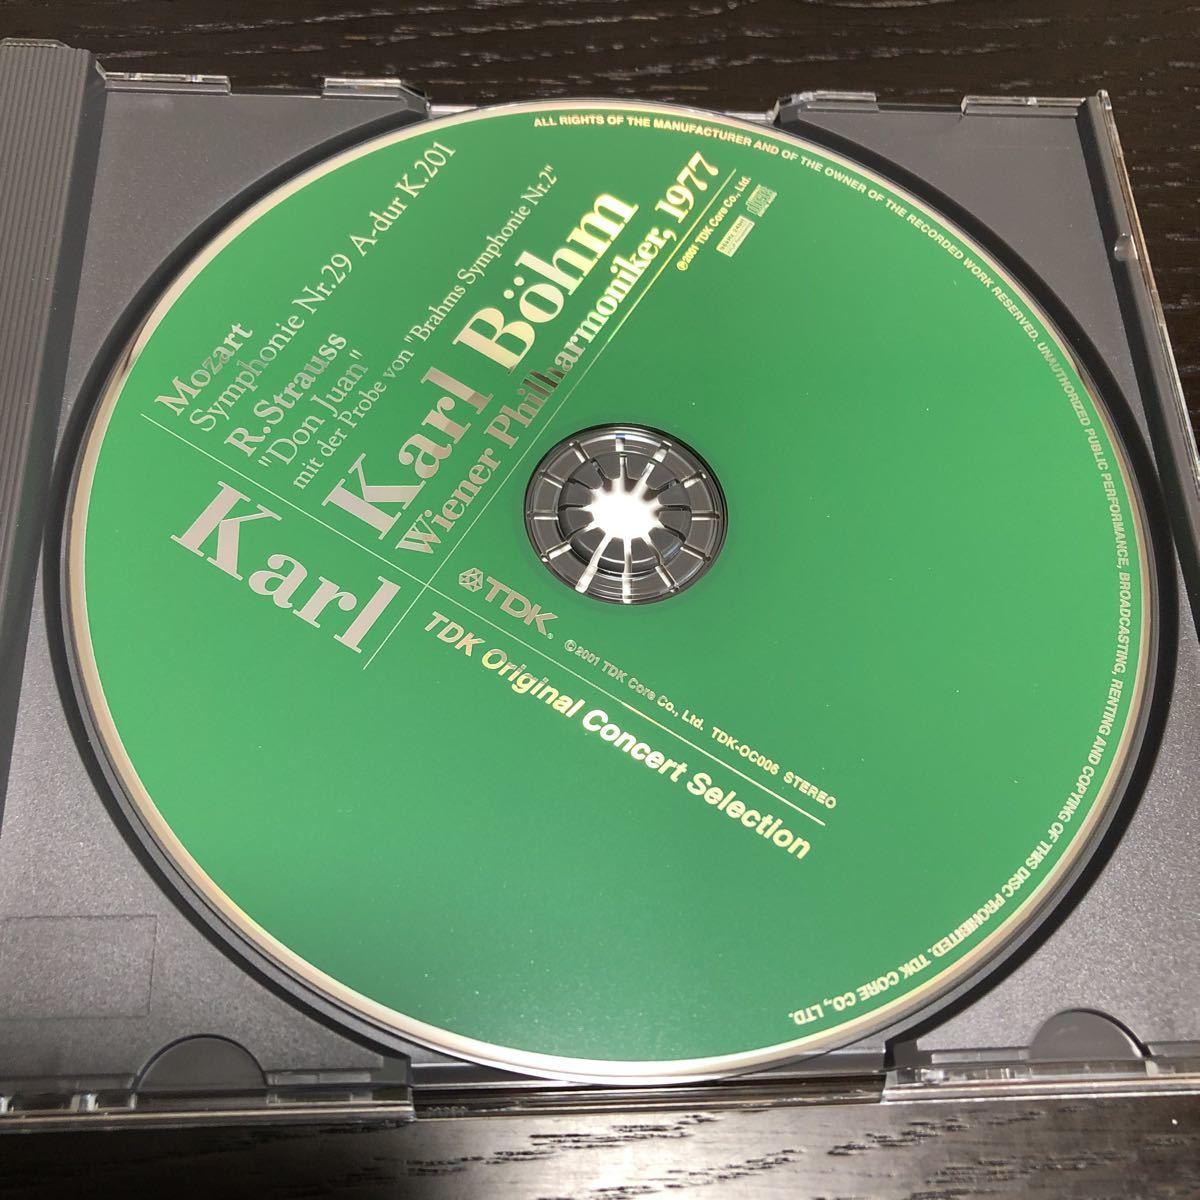 ベーム/ウィーン・フィル モーツァルト 交響曲第29番、R・シュトラウス ドン・ファン_画像5